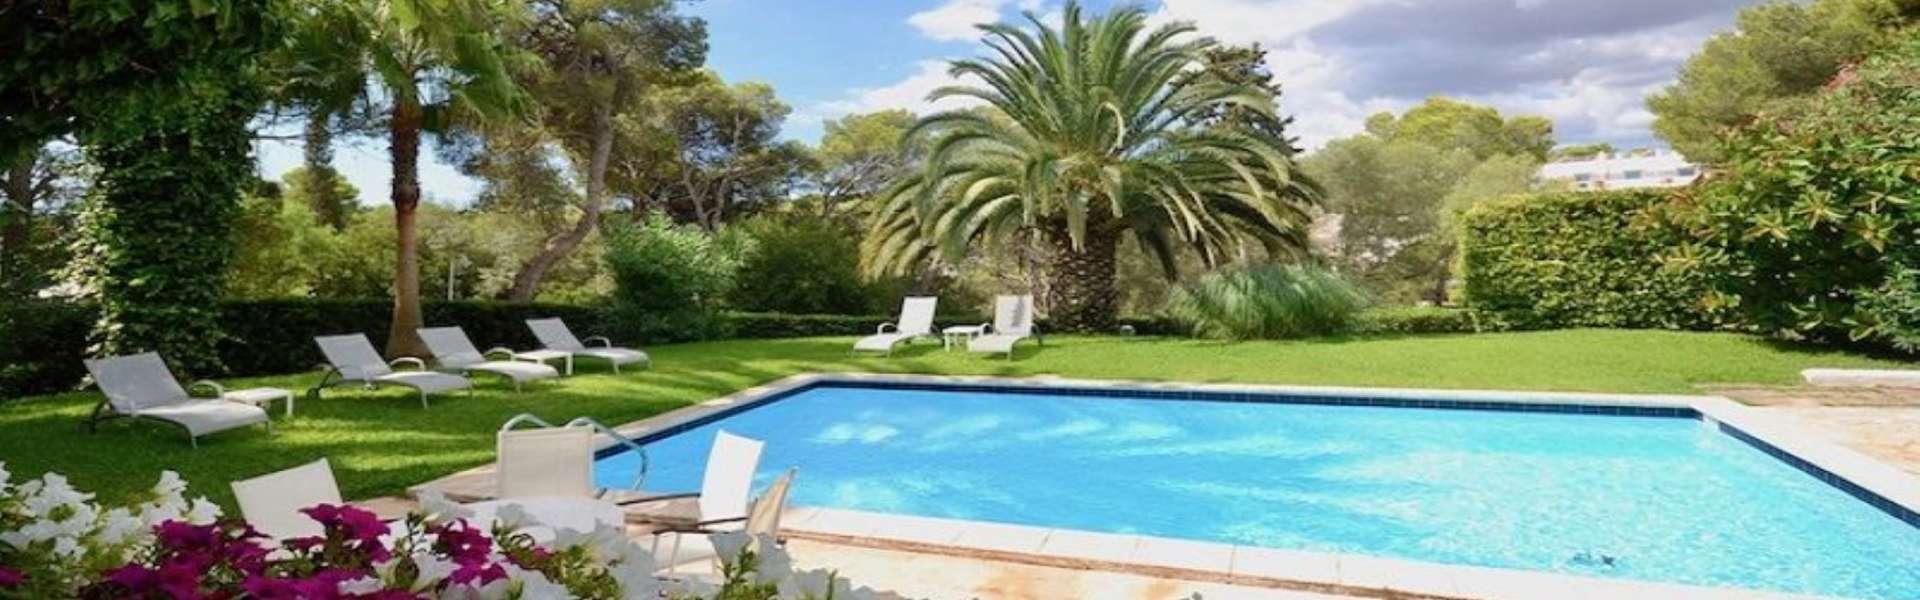 Cala d'Or - Ibizan style villa for sale